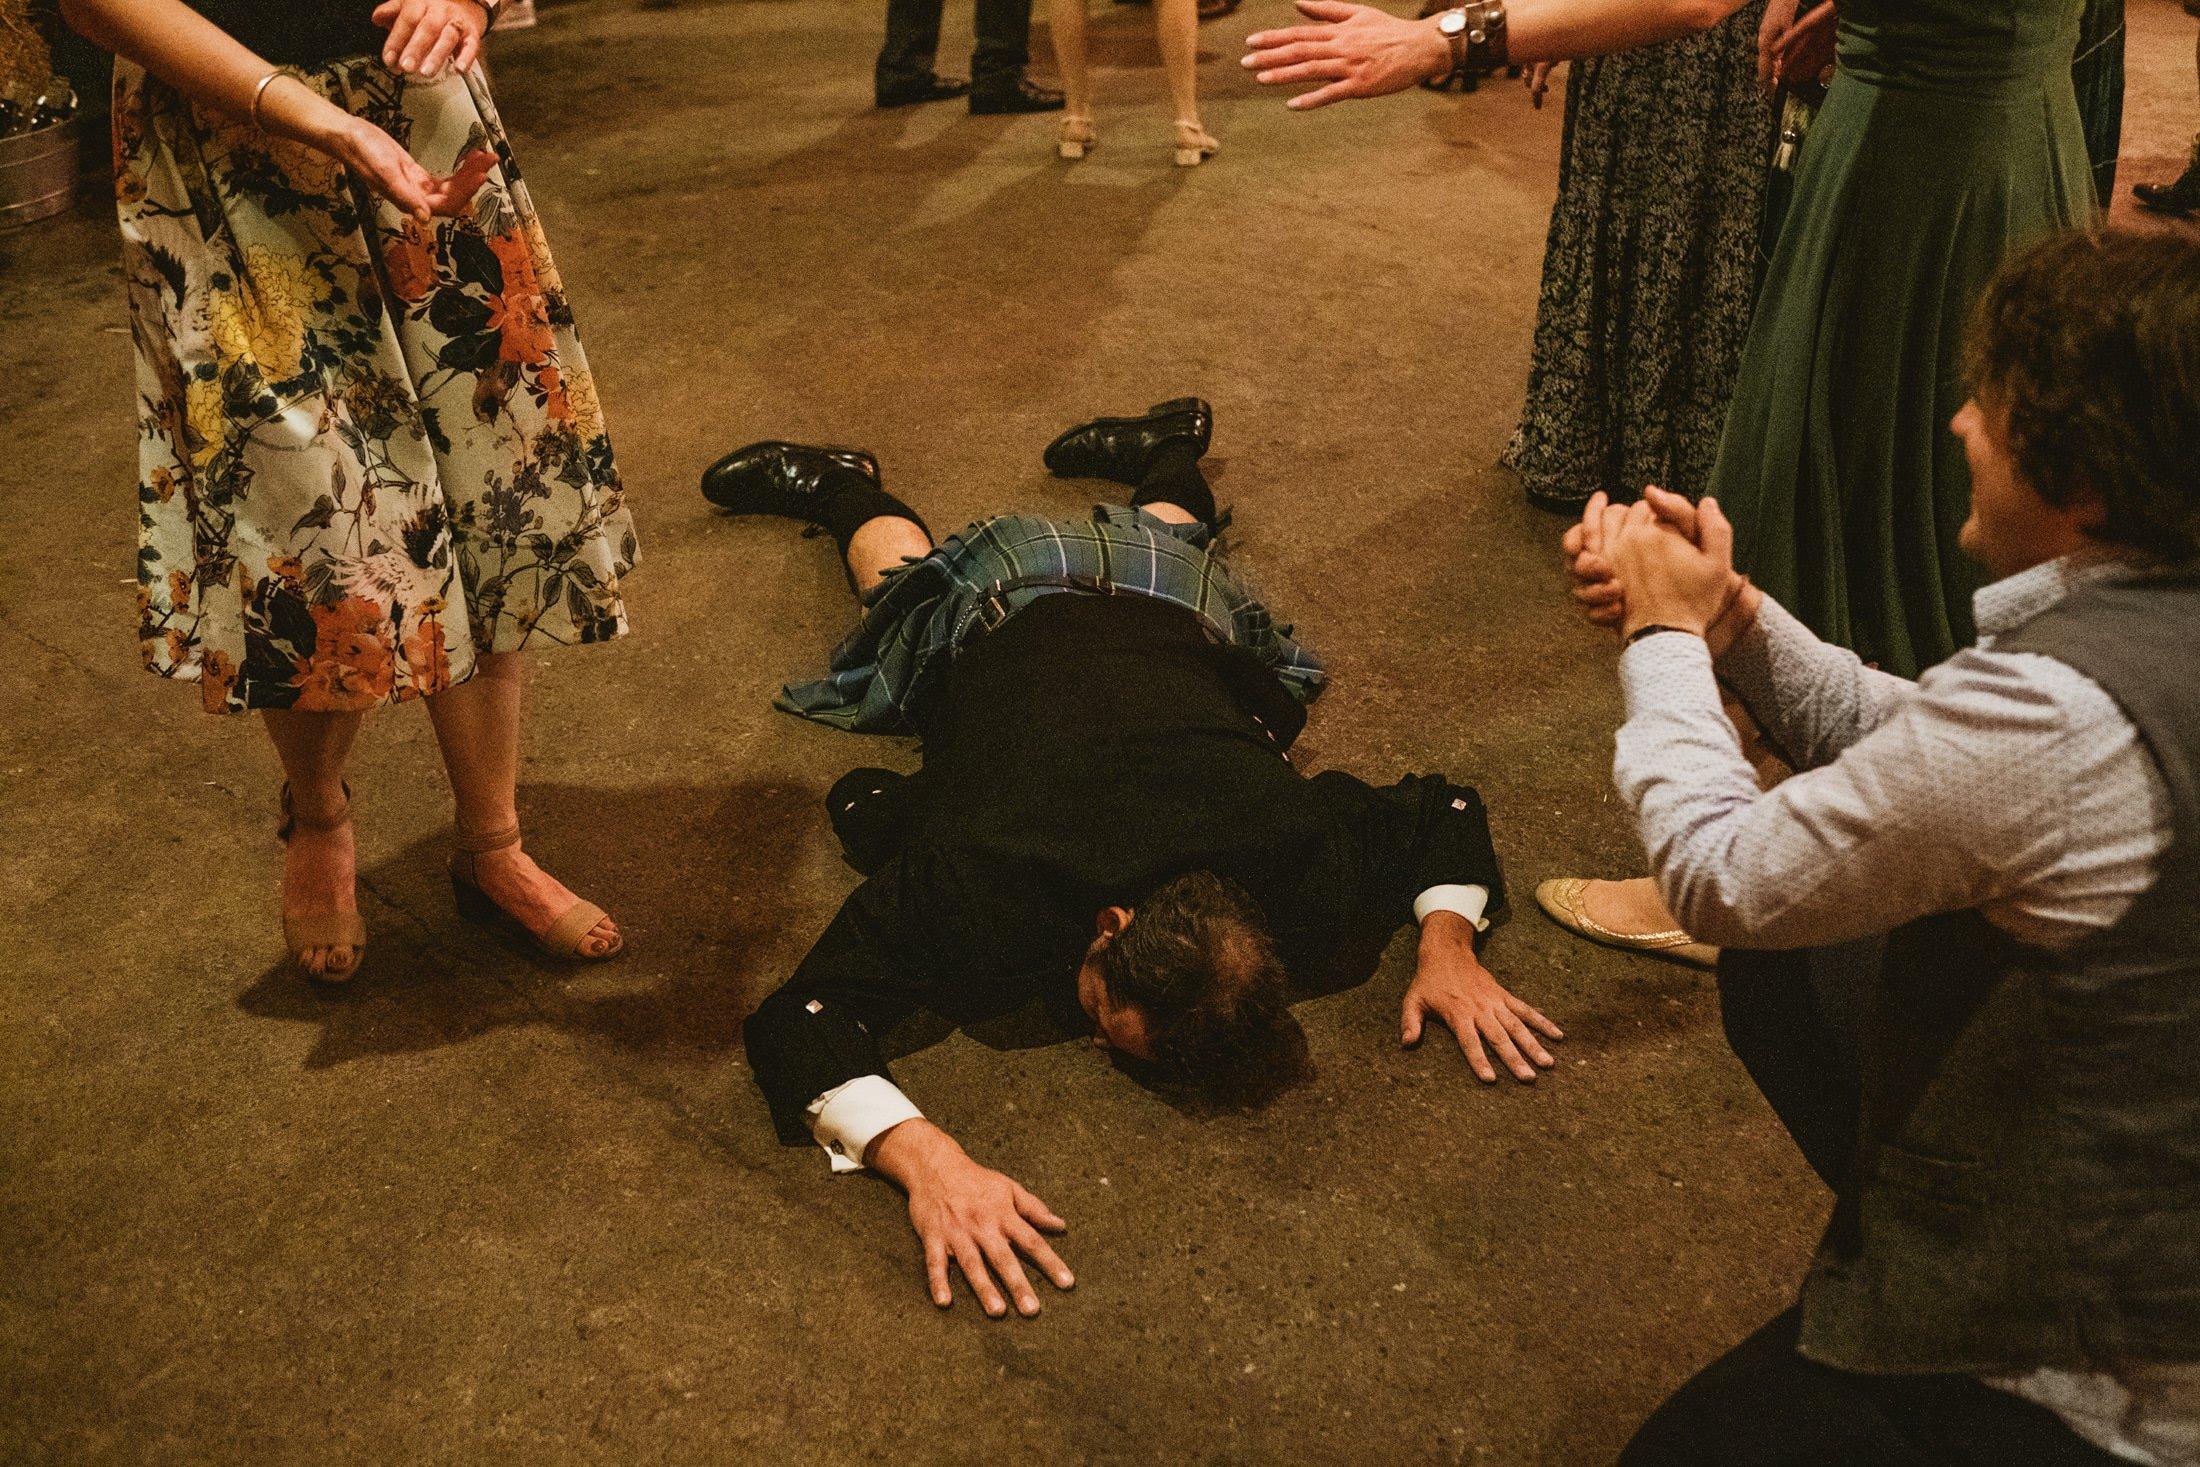 groom on the floor of the dance floor